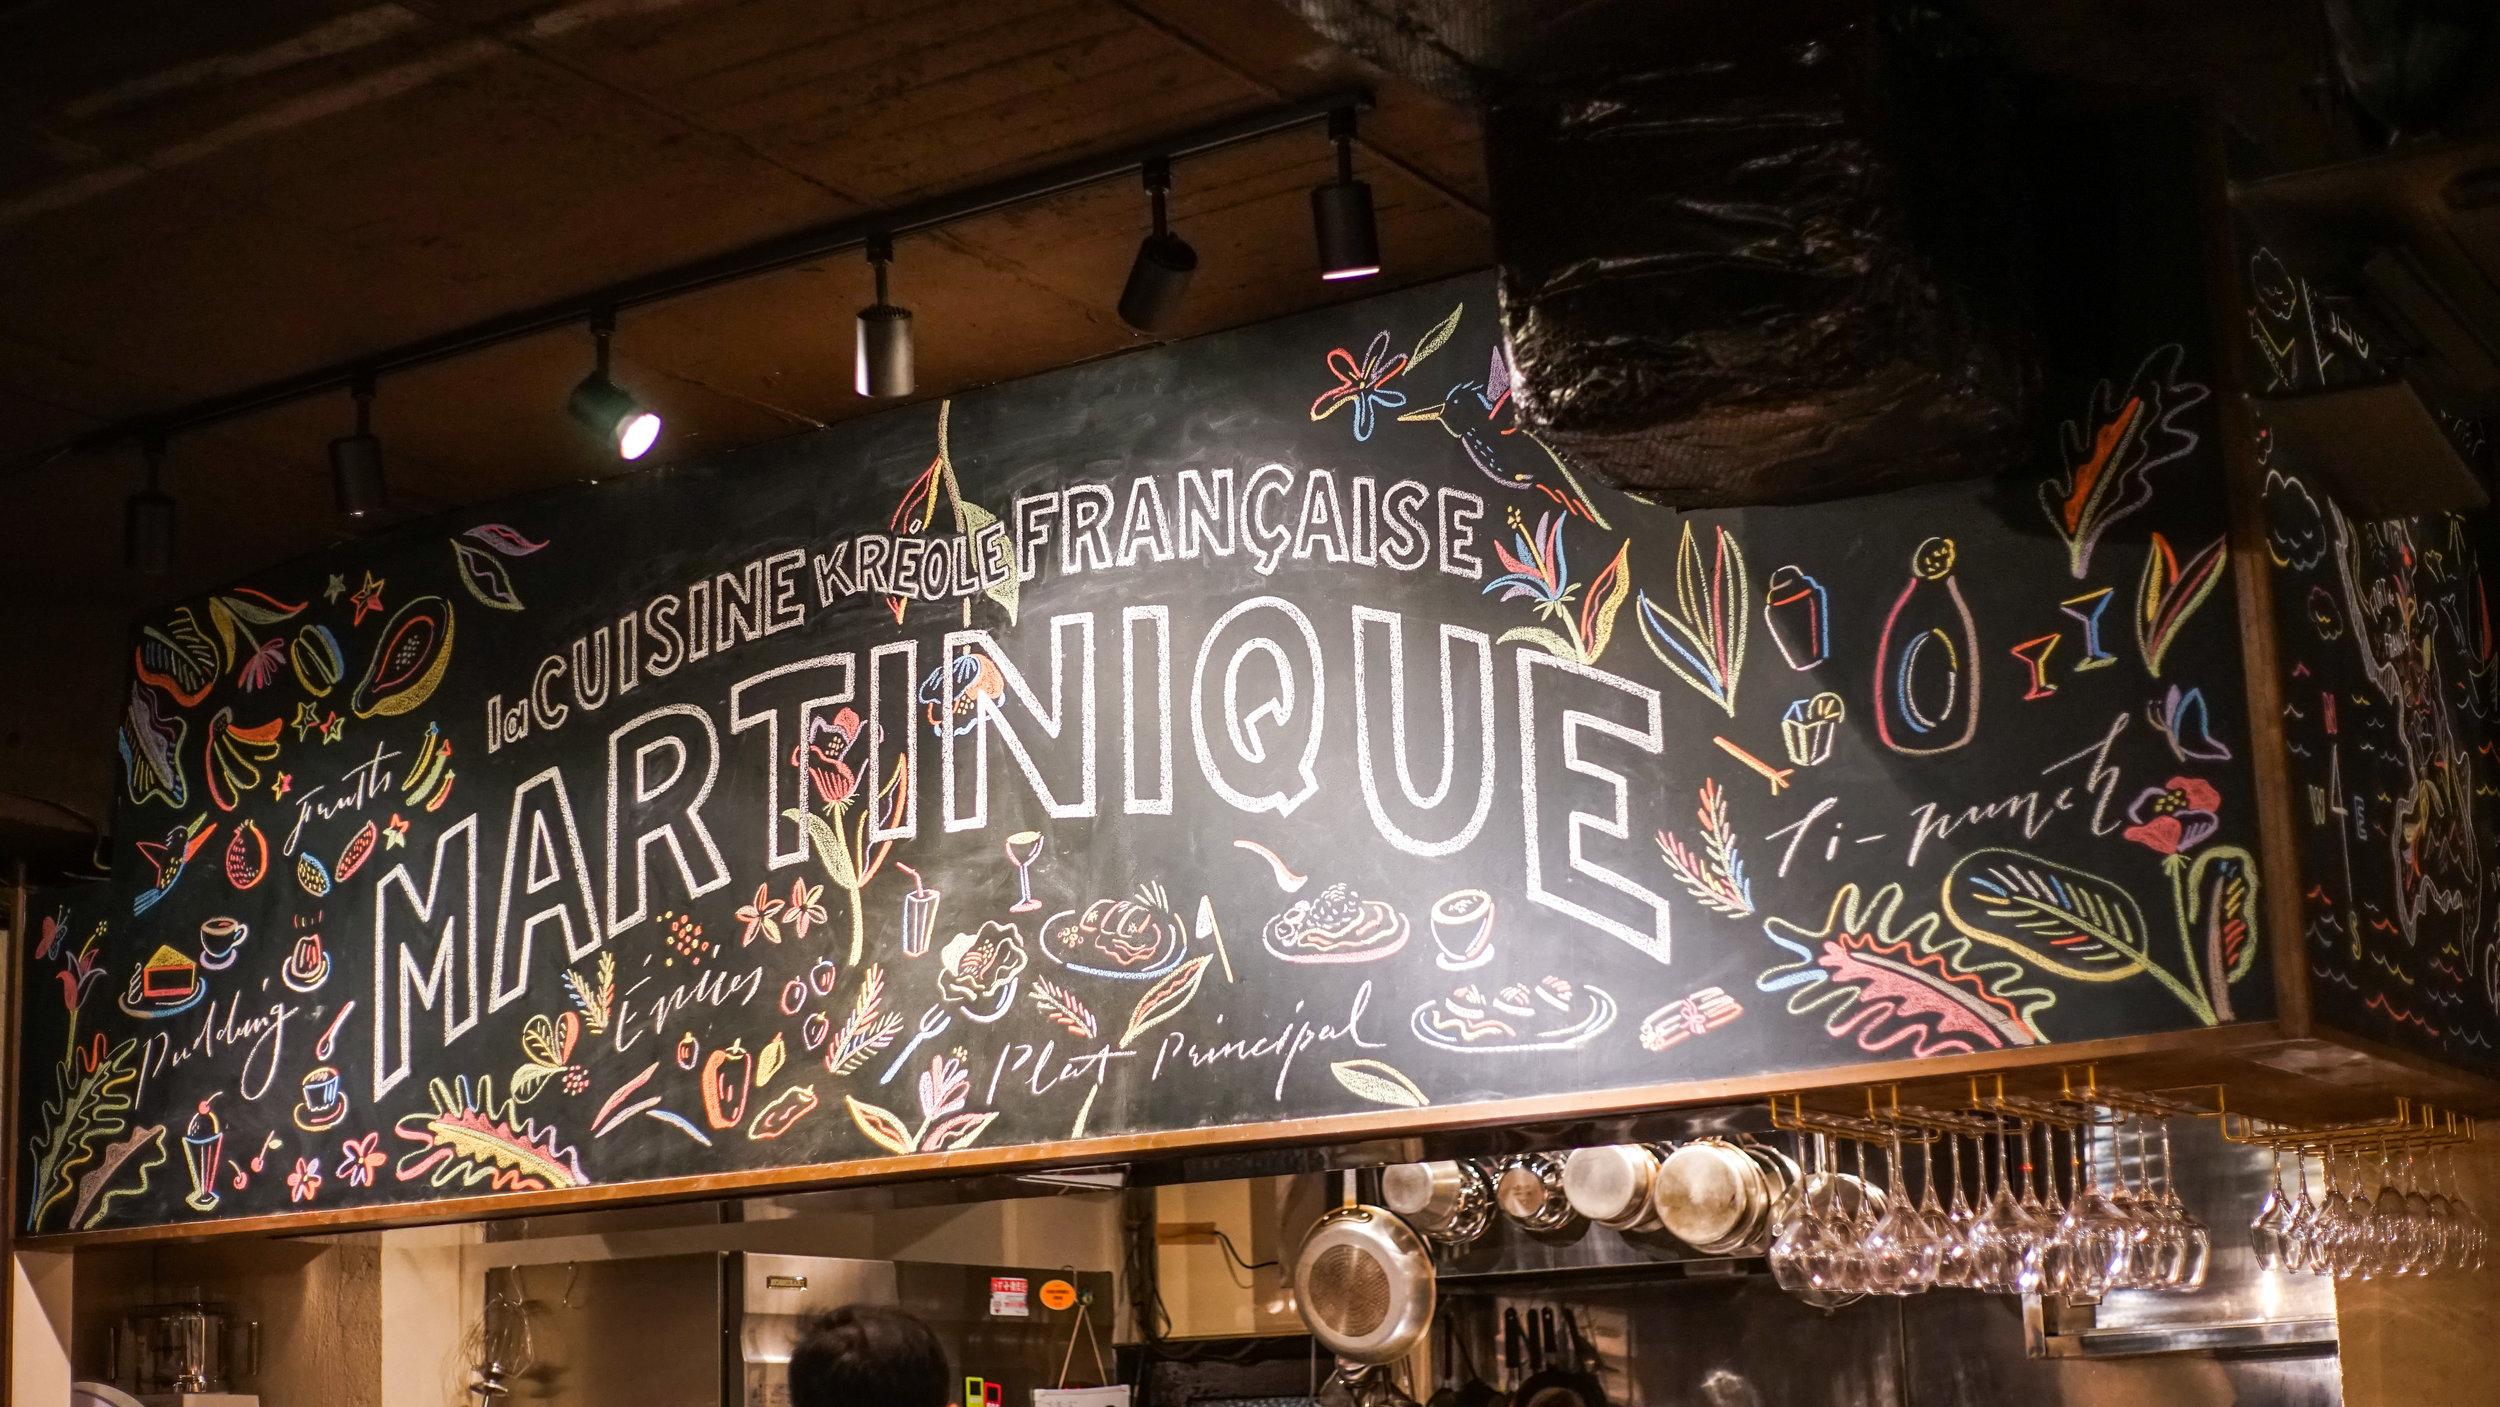 東京・武蔵小山にオープンしたフランス郷土料理とカリブ海料理のお店「MARTINIQUE(マルティニーク)」の黒板を描かせていただきました。カリブ海の楽しい雰囲気を表現するため、初めてカラーチョークに挑戦した作品です。 Hand drawn for MARTINIQUE, a french caribbean restaurant that opened in Tokyo in January 2017. This was the first time I used colored chalk, in order to express the fun caribbean vibe. I had a lot of fun experimenting with different color coordinations. Photos were taken by Shiori Saito.